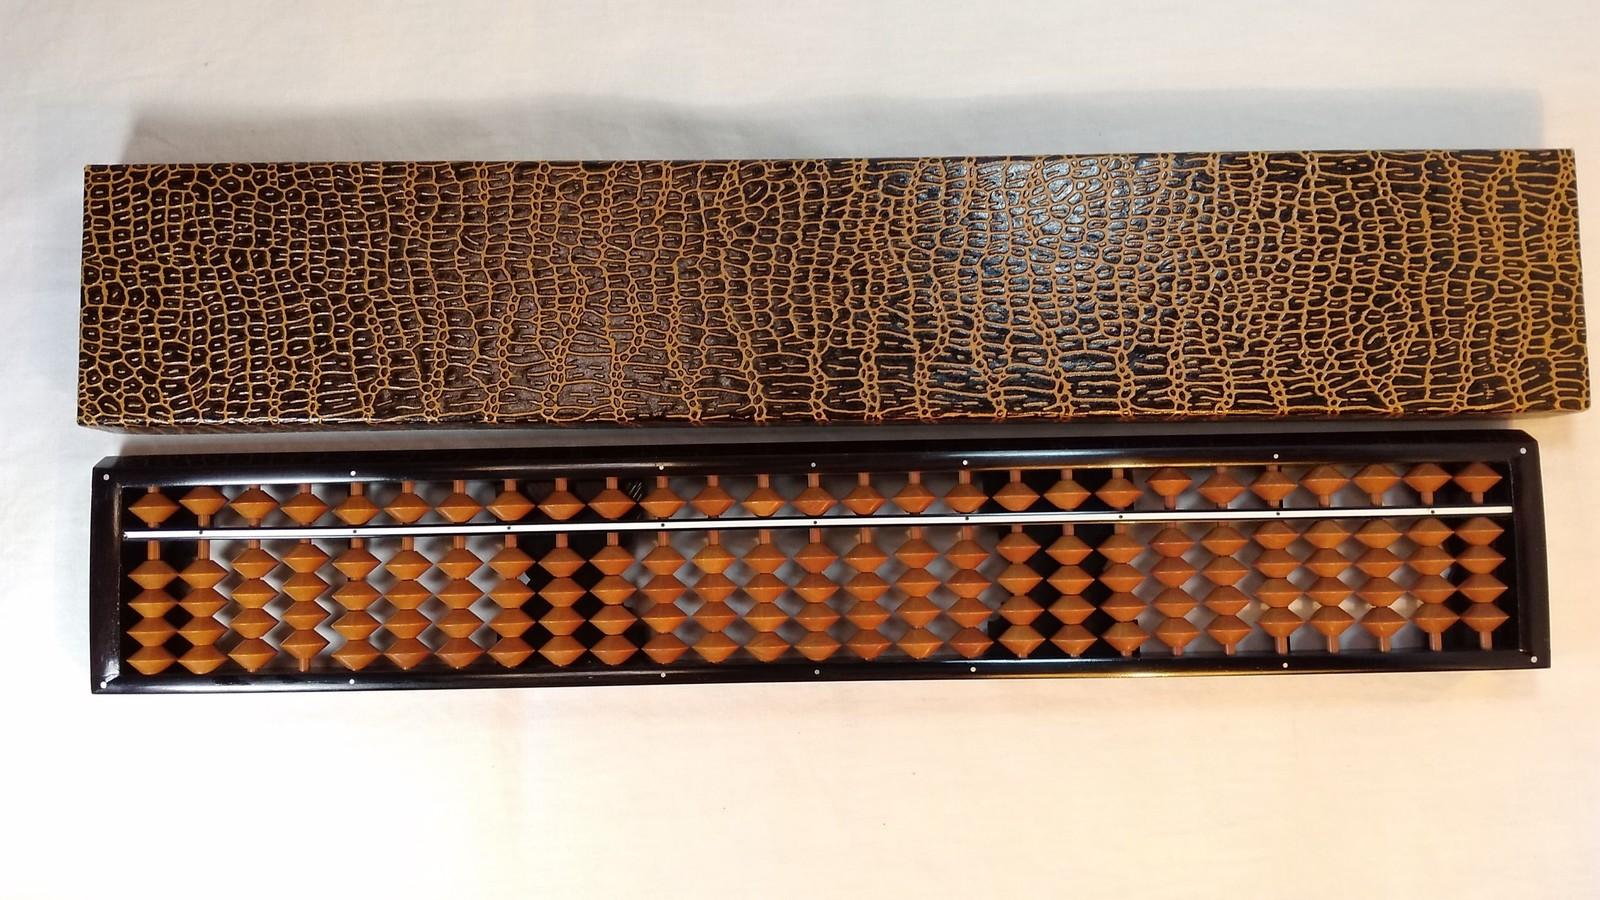 27ケタそろばんは規格では長い方で 人気の製品 同時に検算もやりました マルエムそろばん カバ玉27桁 クリ板4枚 そろばん 学童用ソロバン 播州算盤 兵庫県小野製 現金特価 新品 木製 再入荷しました